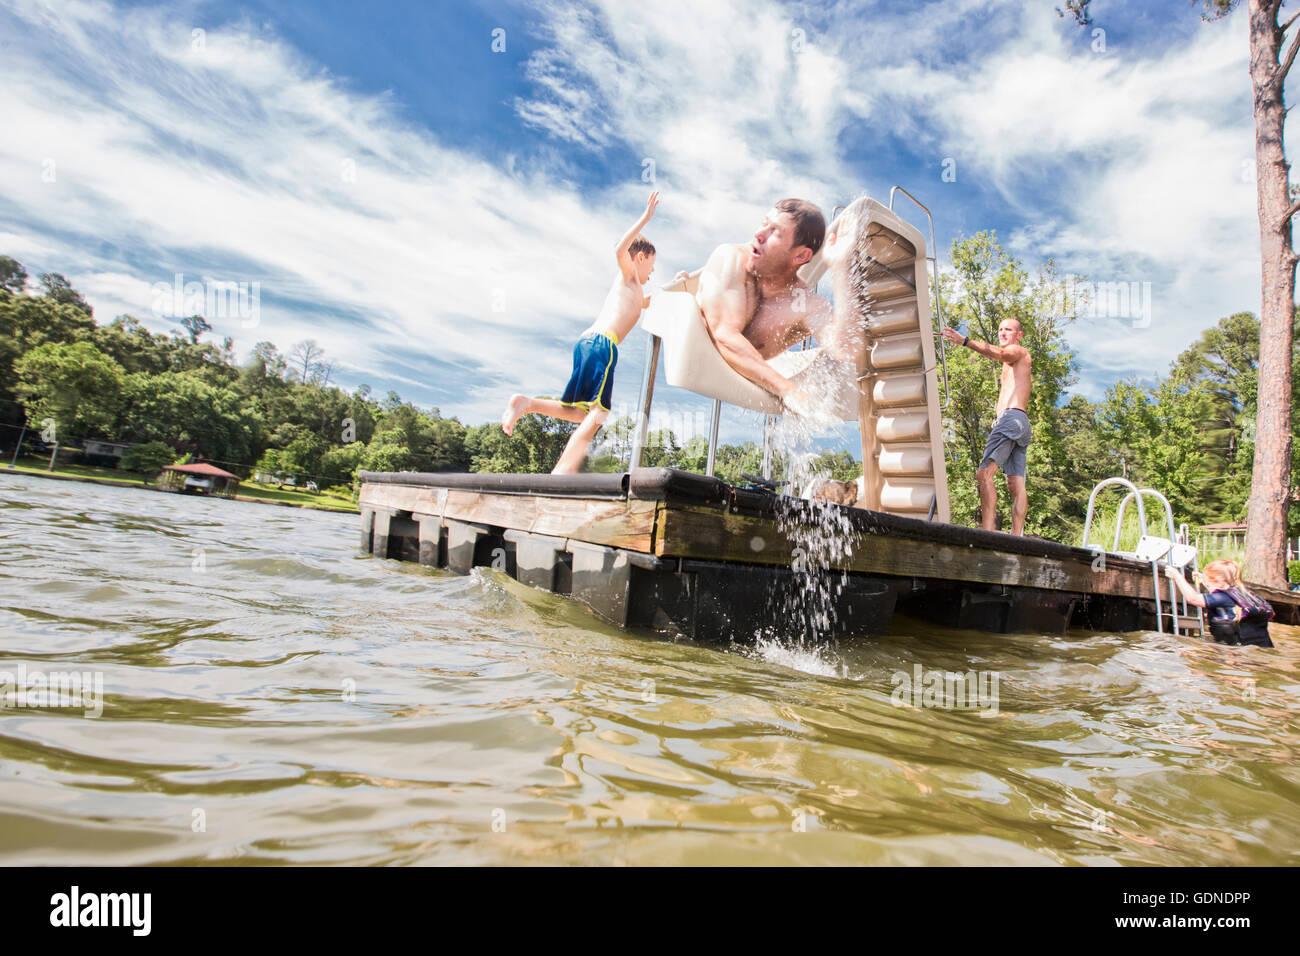 El hombre moviendo la cabeza hacia abajo en el muelle diapositiva en el Lago Jackson, Georgia, EE.UU. Imagen De Stock